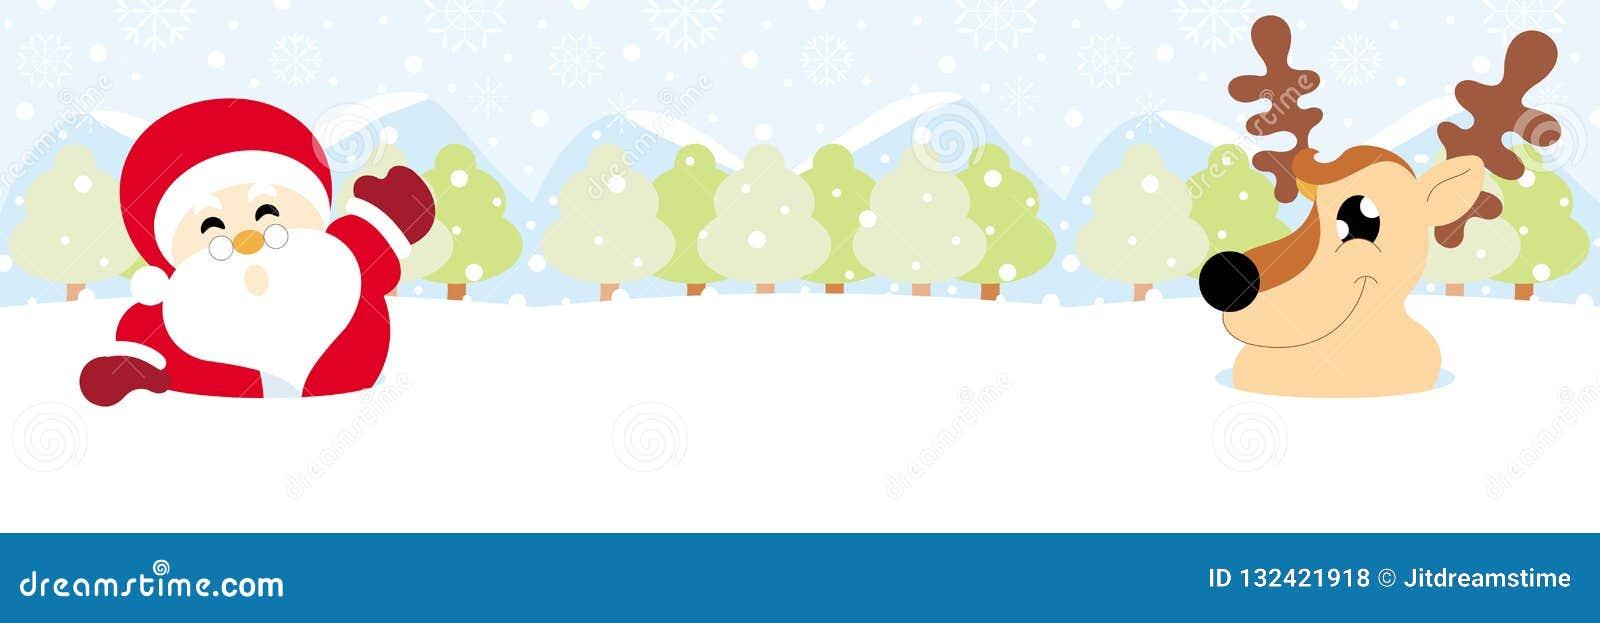 Санта Клаус и северный олень на снеге с рождеством снежинки